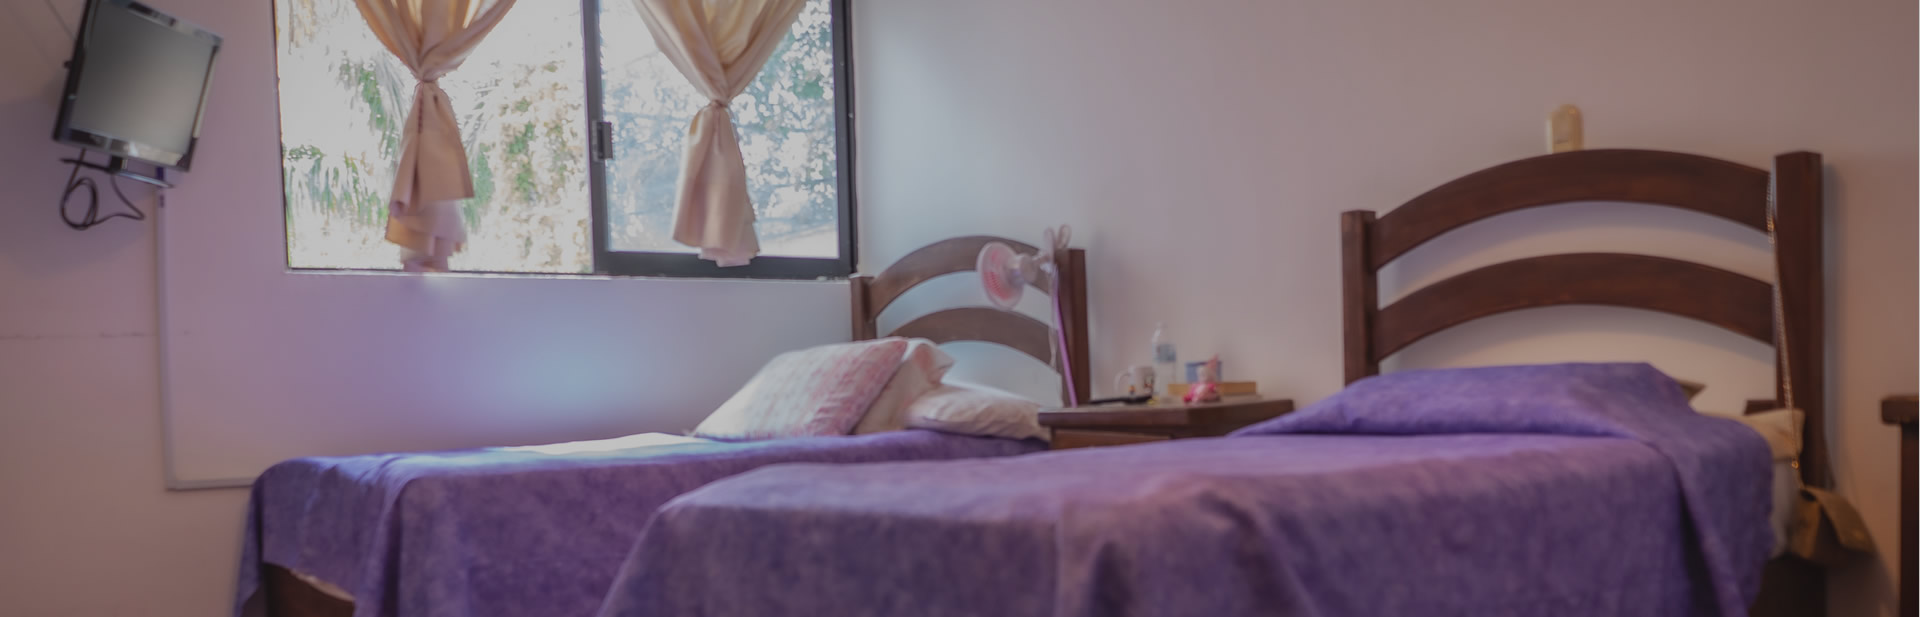 Centro geriátrico profesional en Querétaro